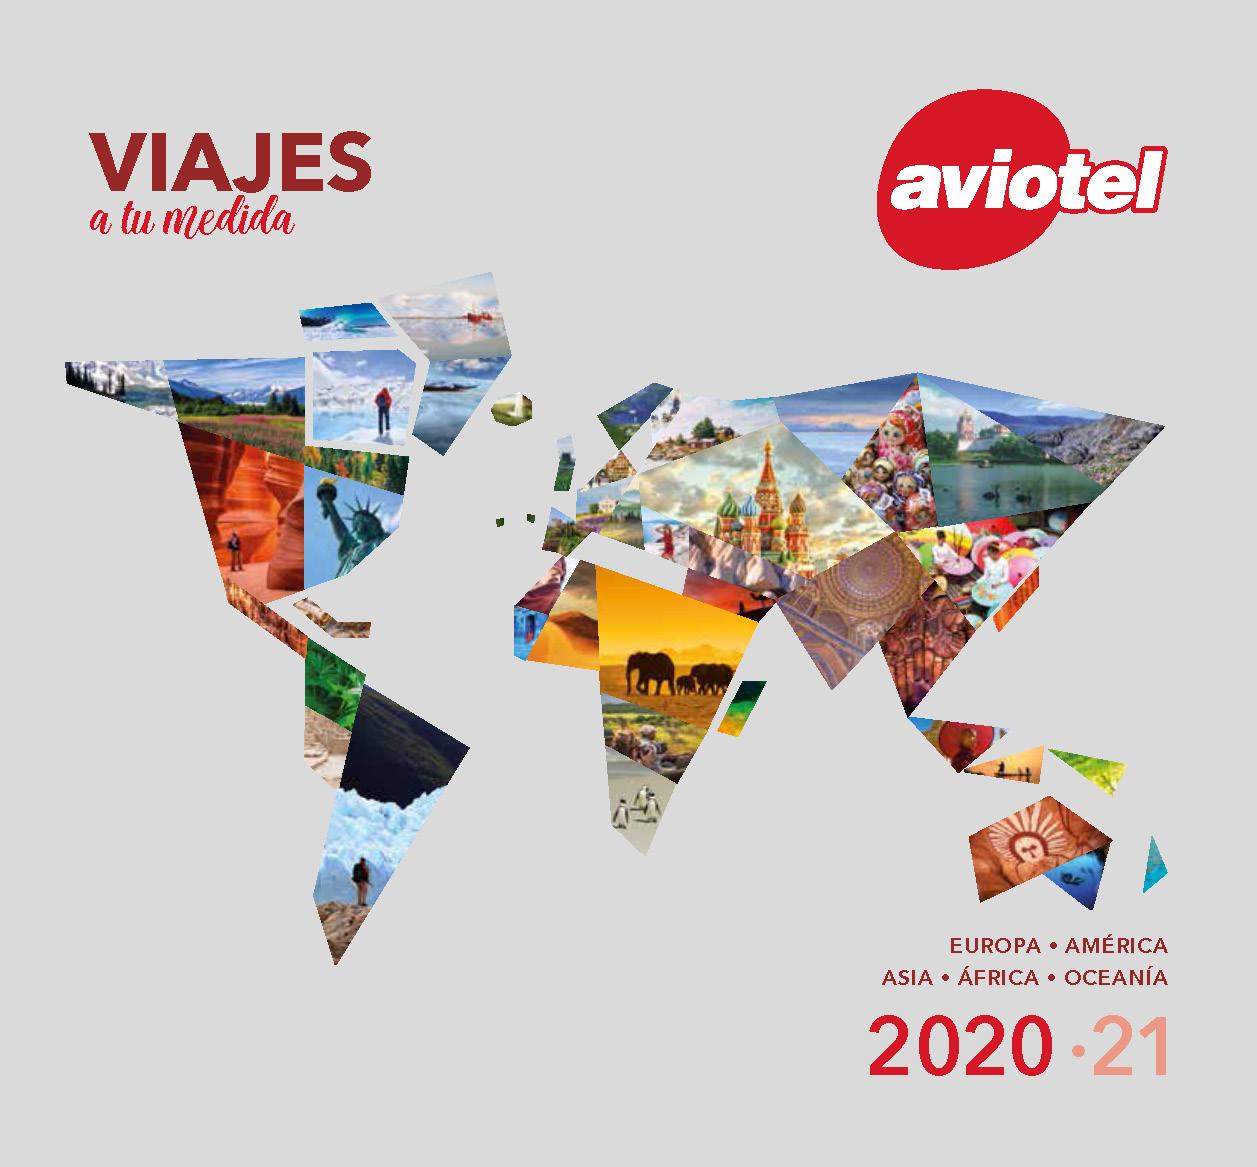 Catalogo Aviotel 2020-2021